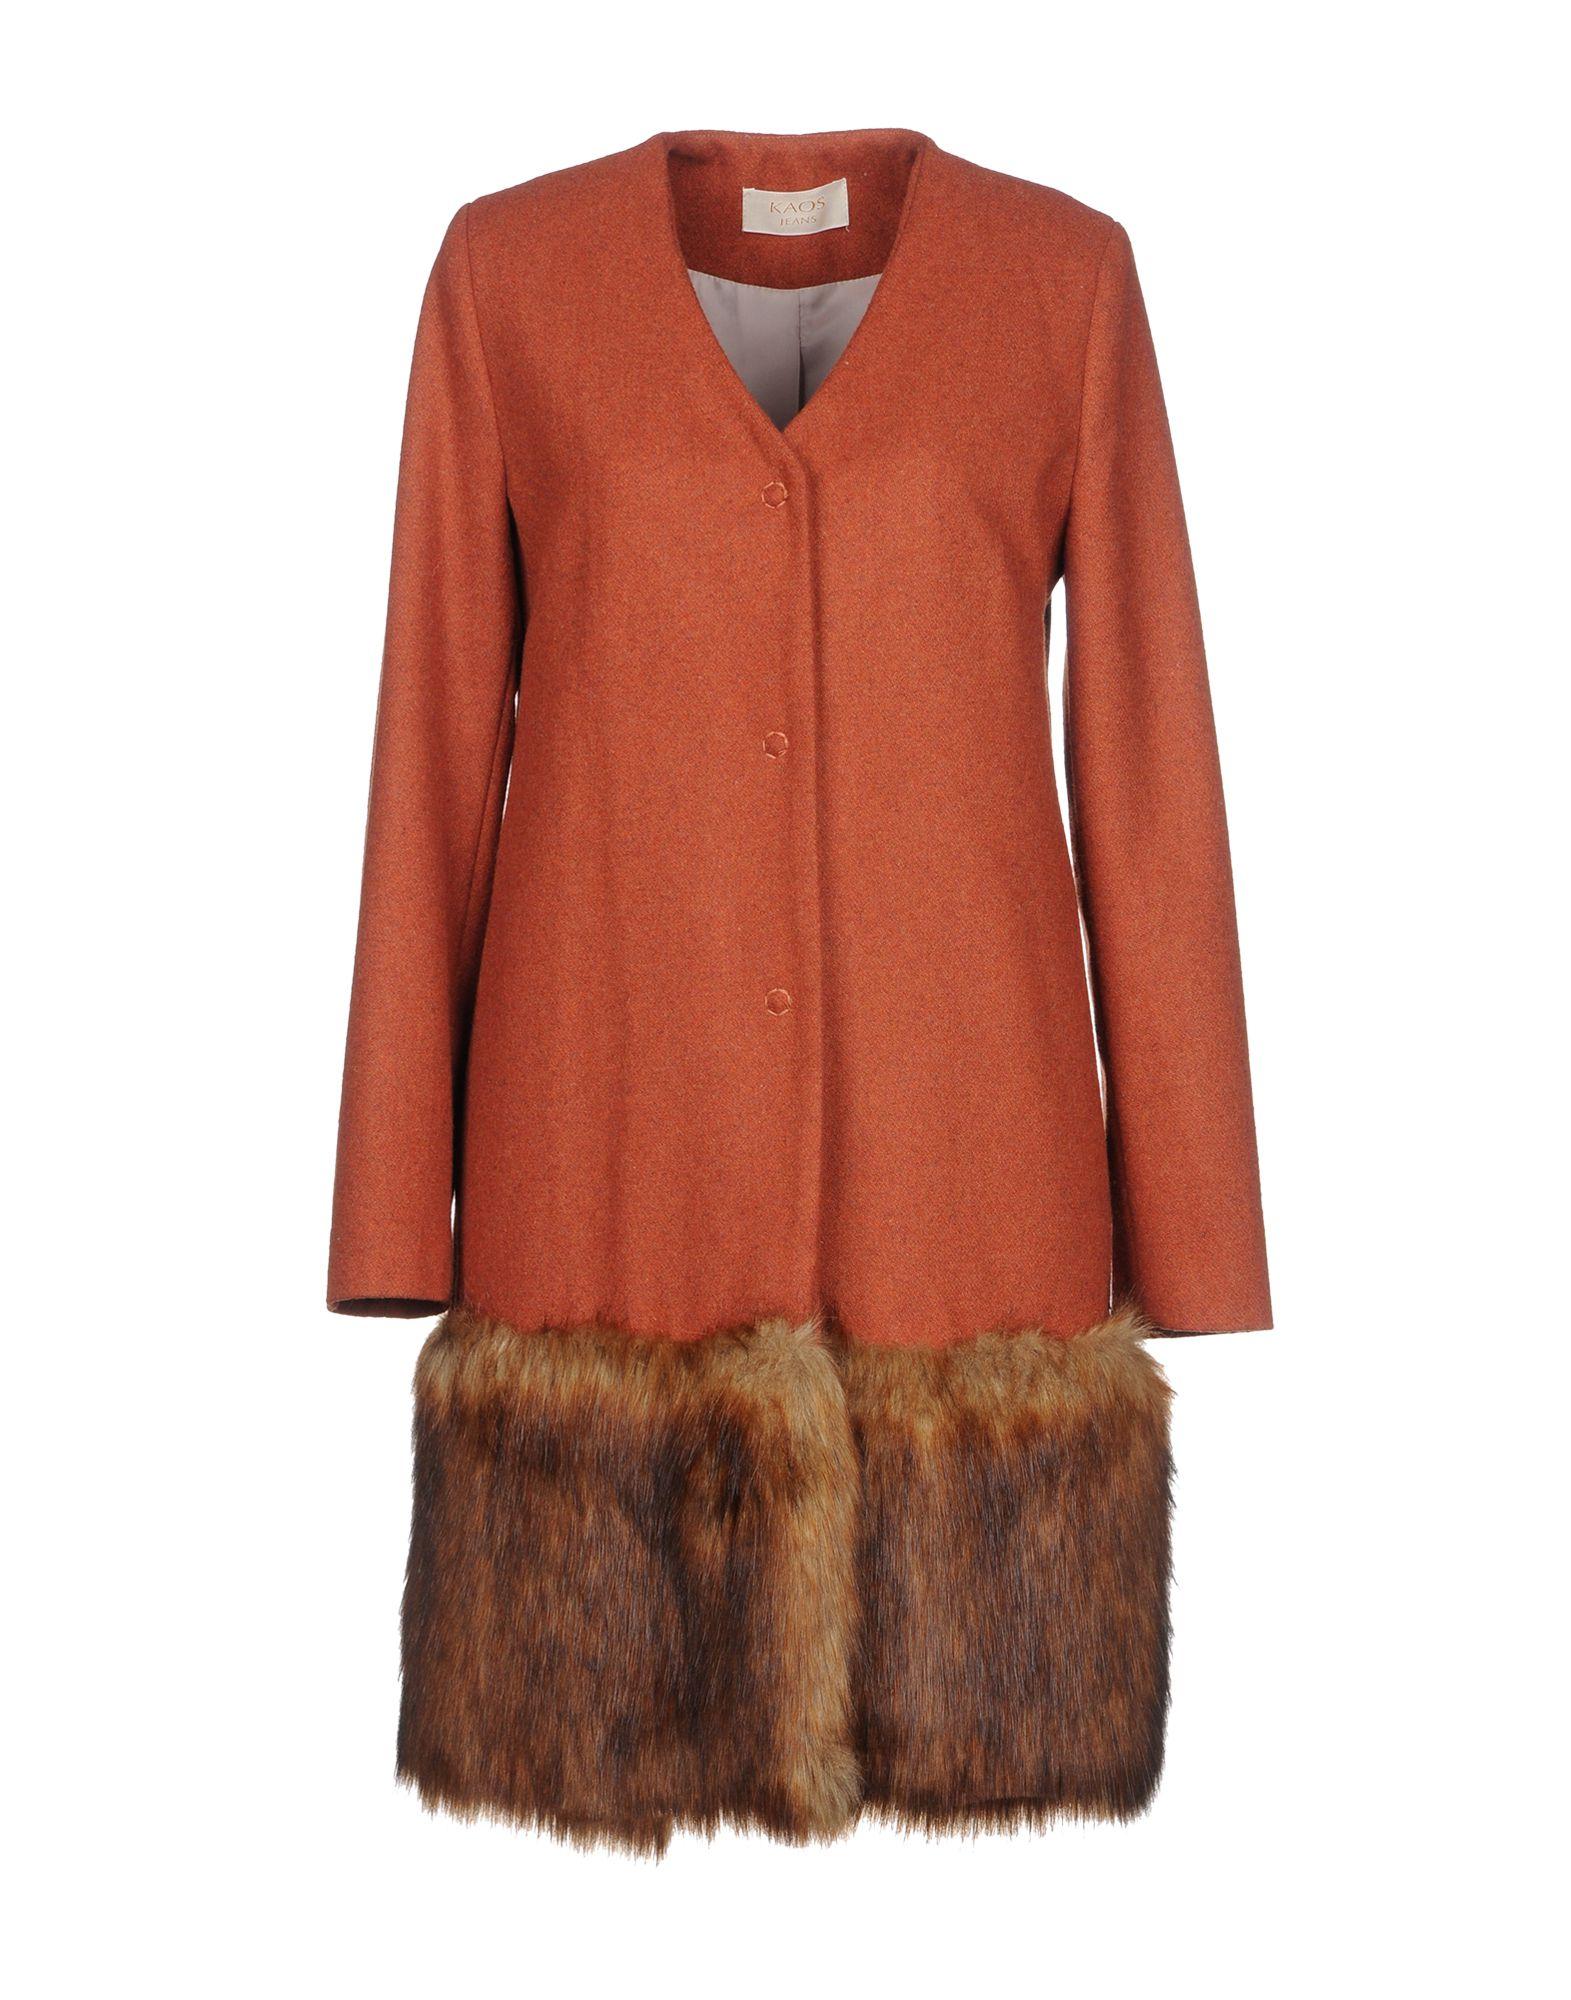 Cappotto Kaos Jeans Donna - Acquista online su S3Iud